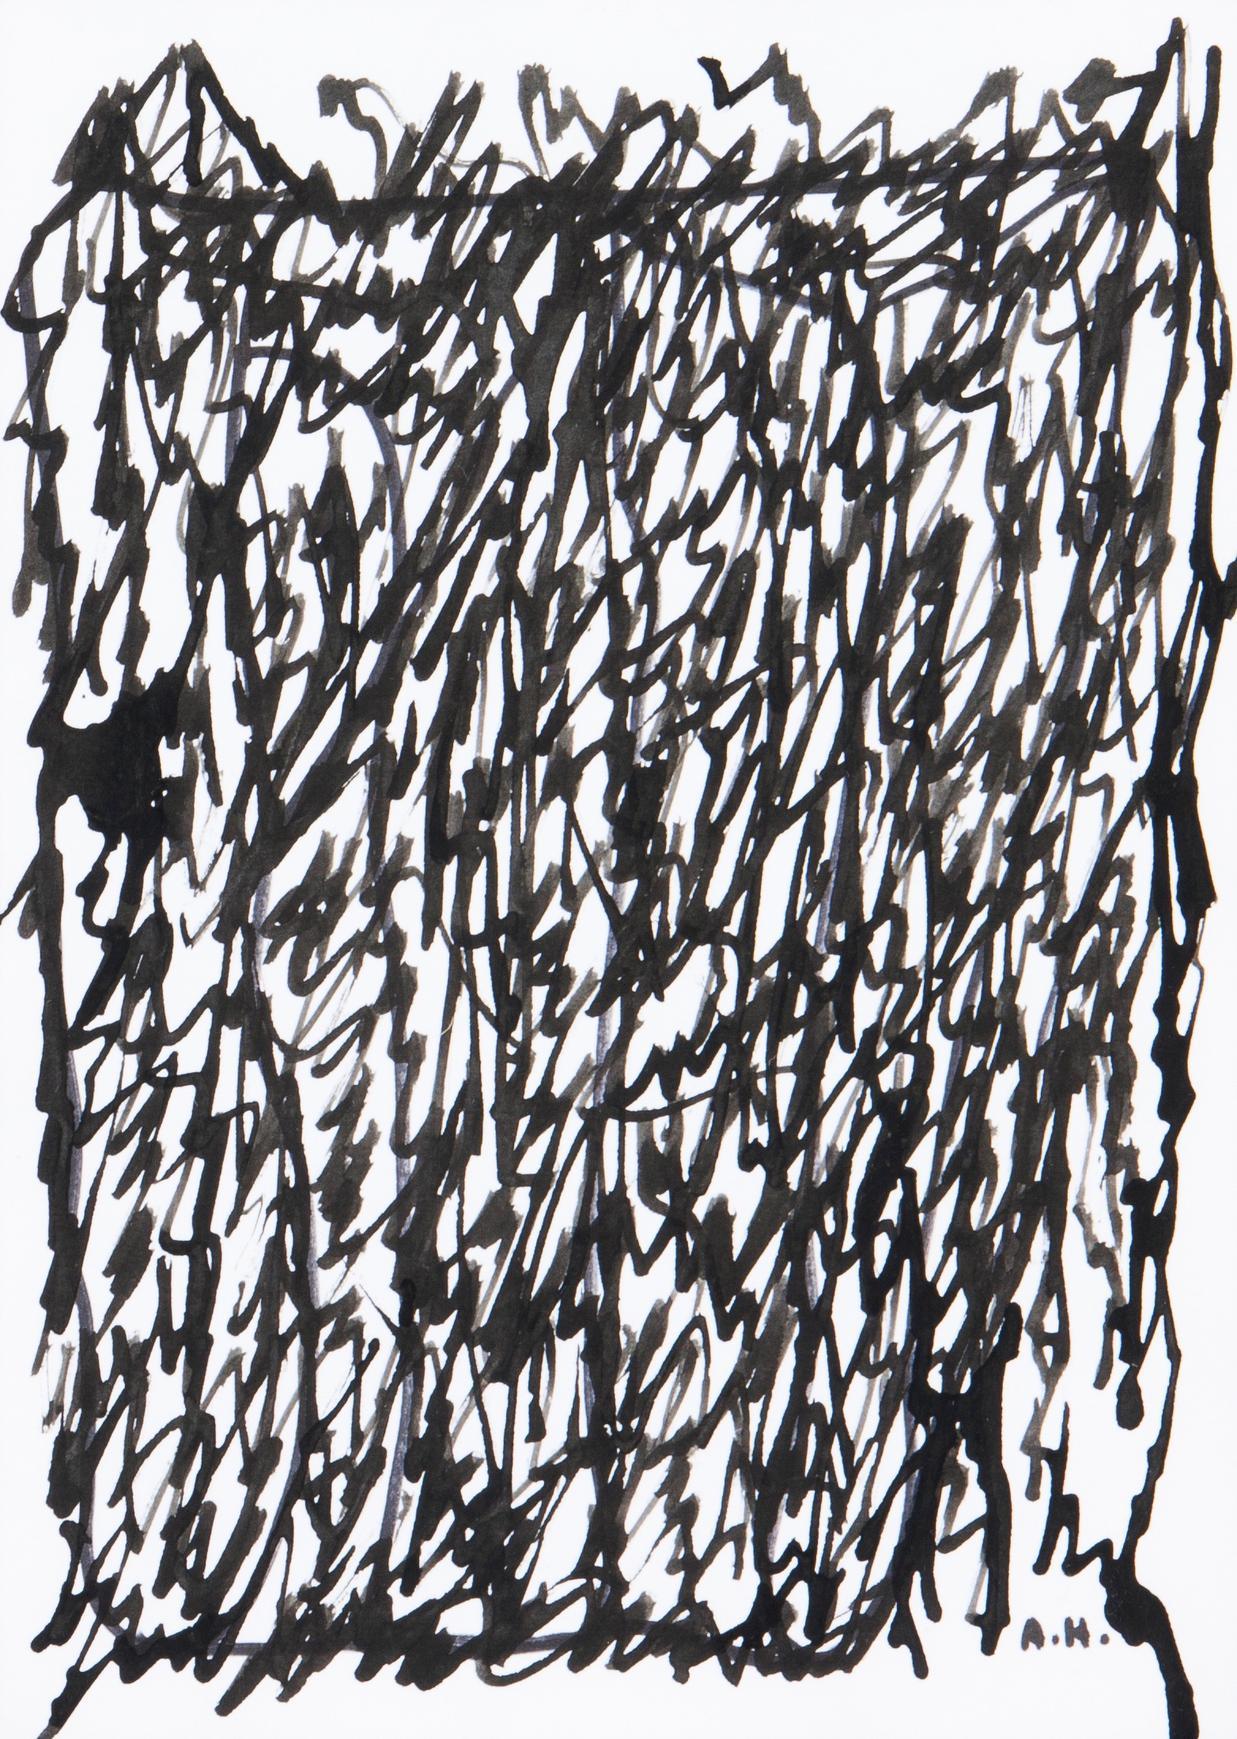 Ana Hatherly - Untitled-2001